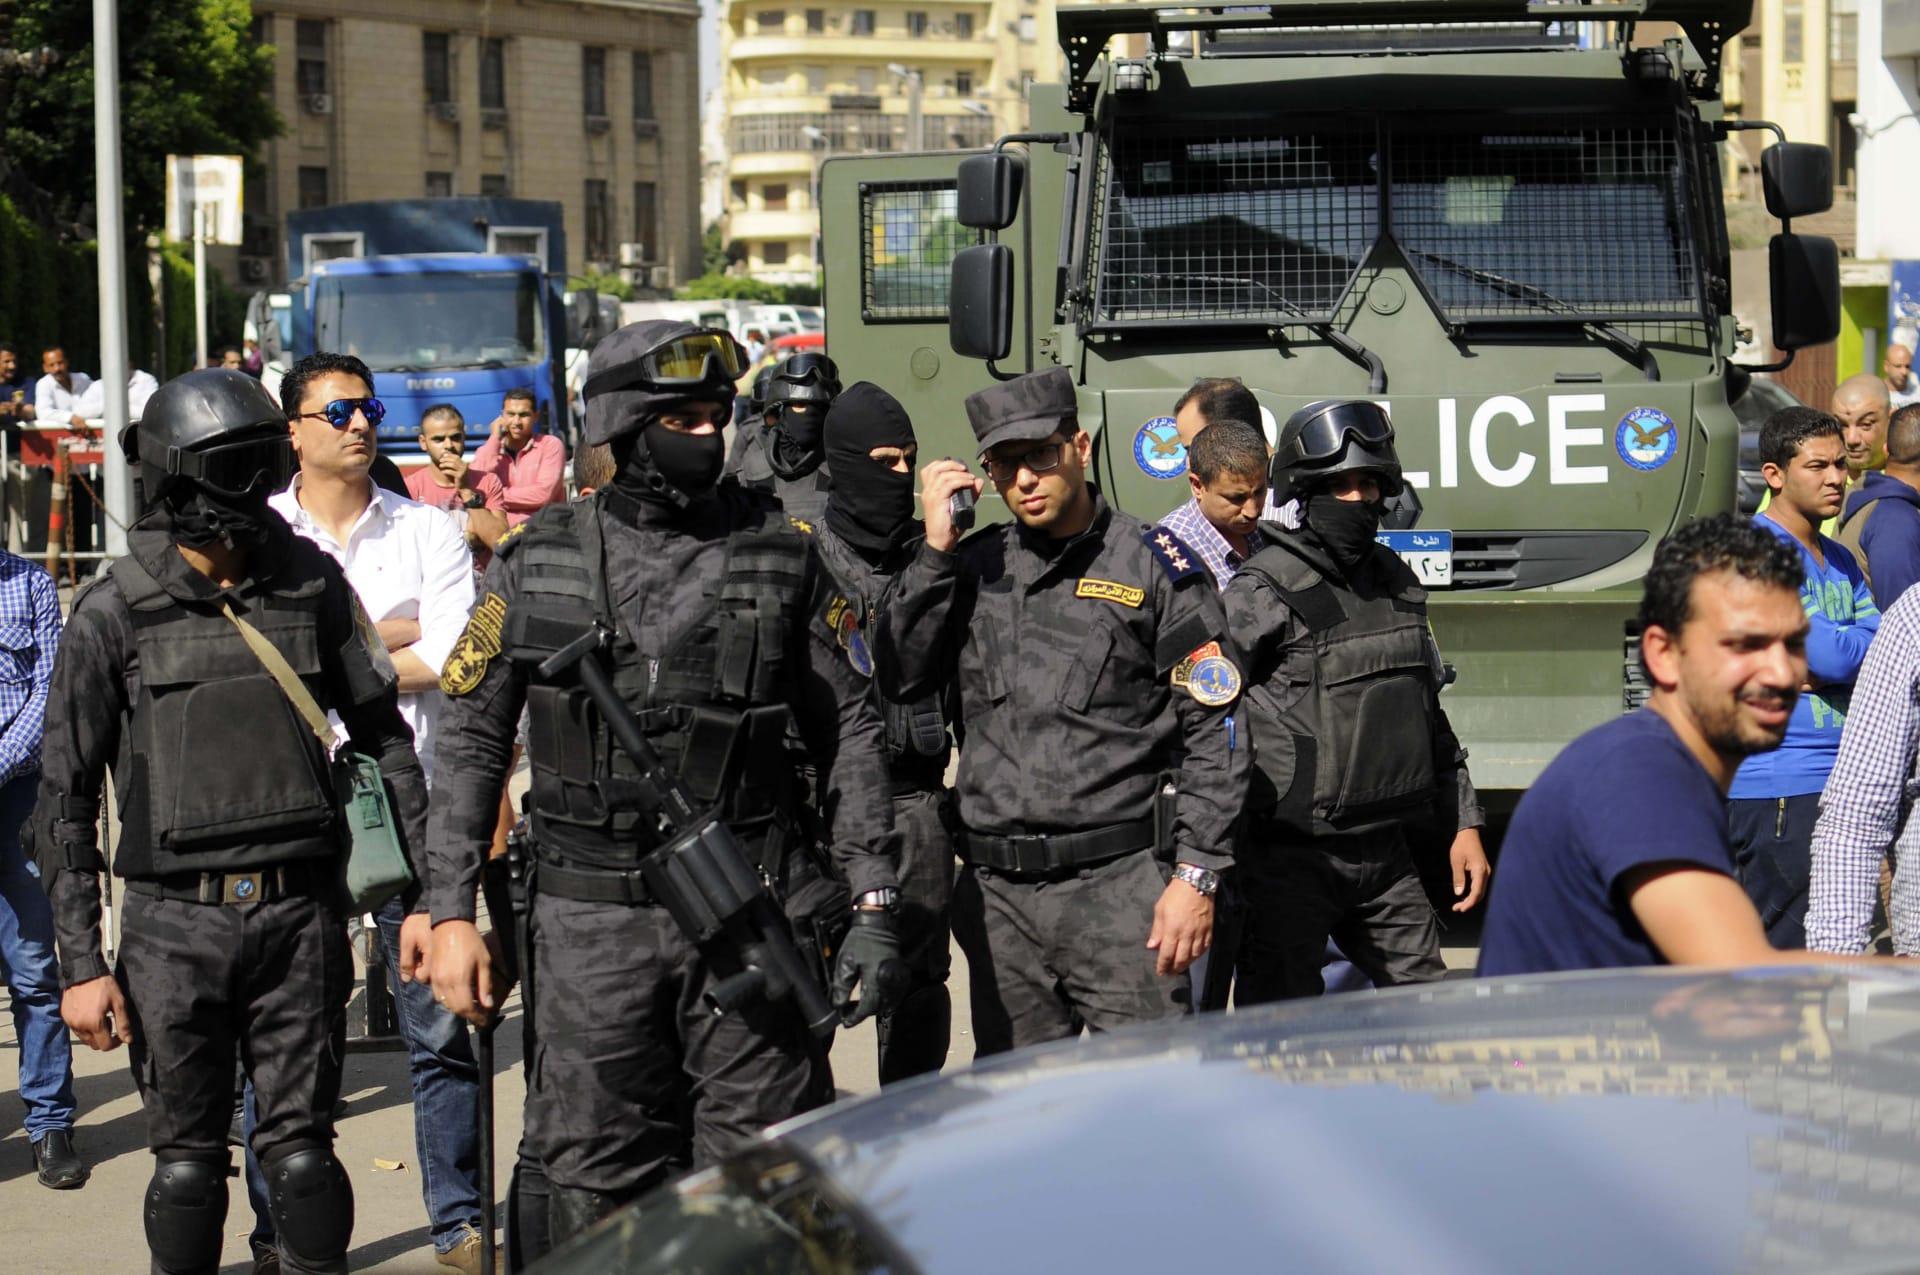 الداخلية المصرية: بدر والسقا قاما بتسليم أنفسهما طواعية ونؤكد عدم اقتحام النقابة أو استخدام القوة